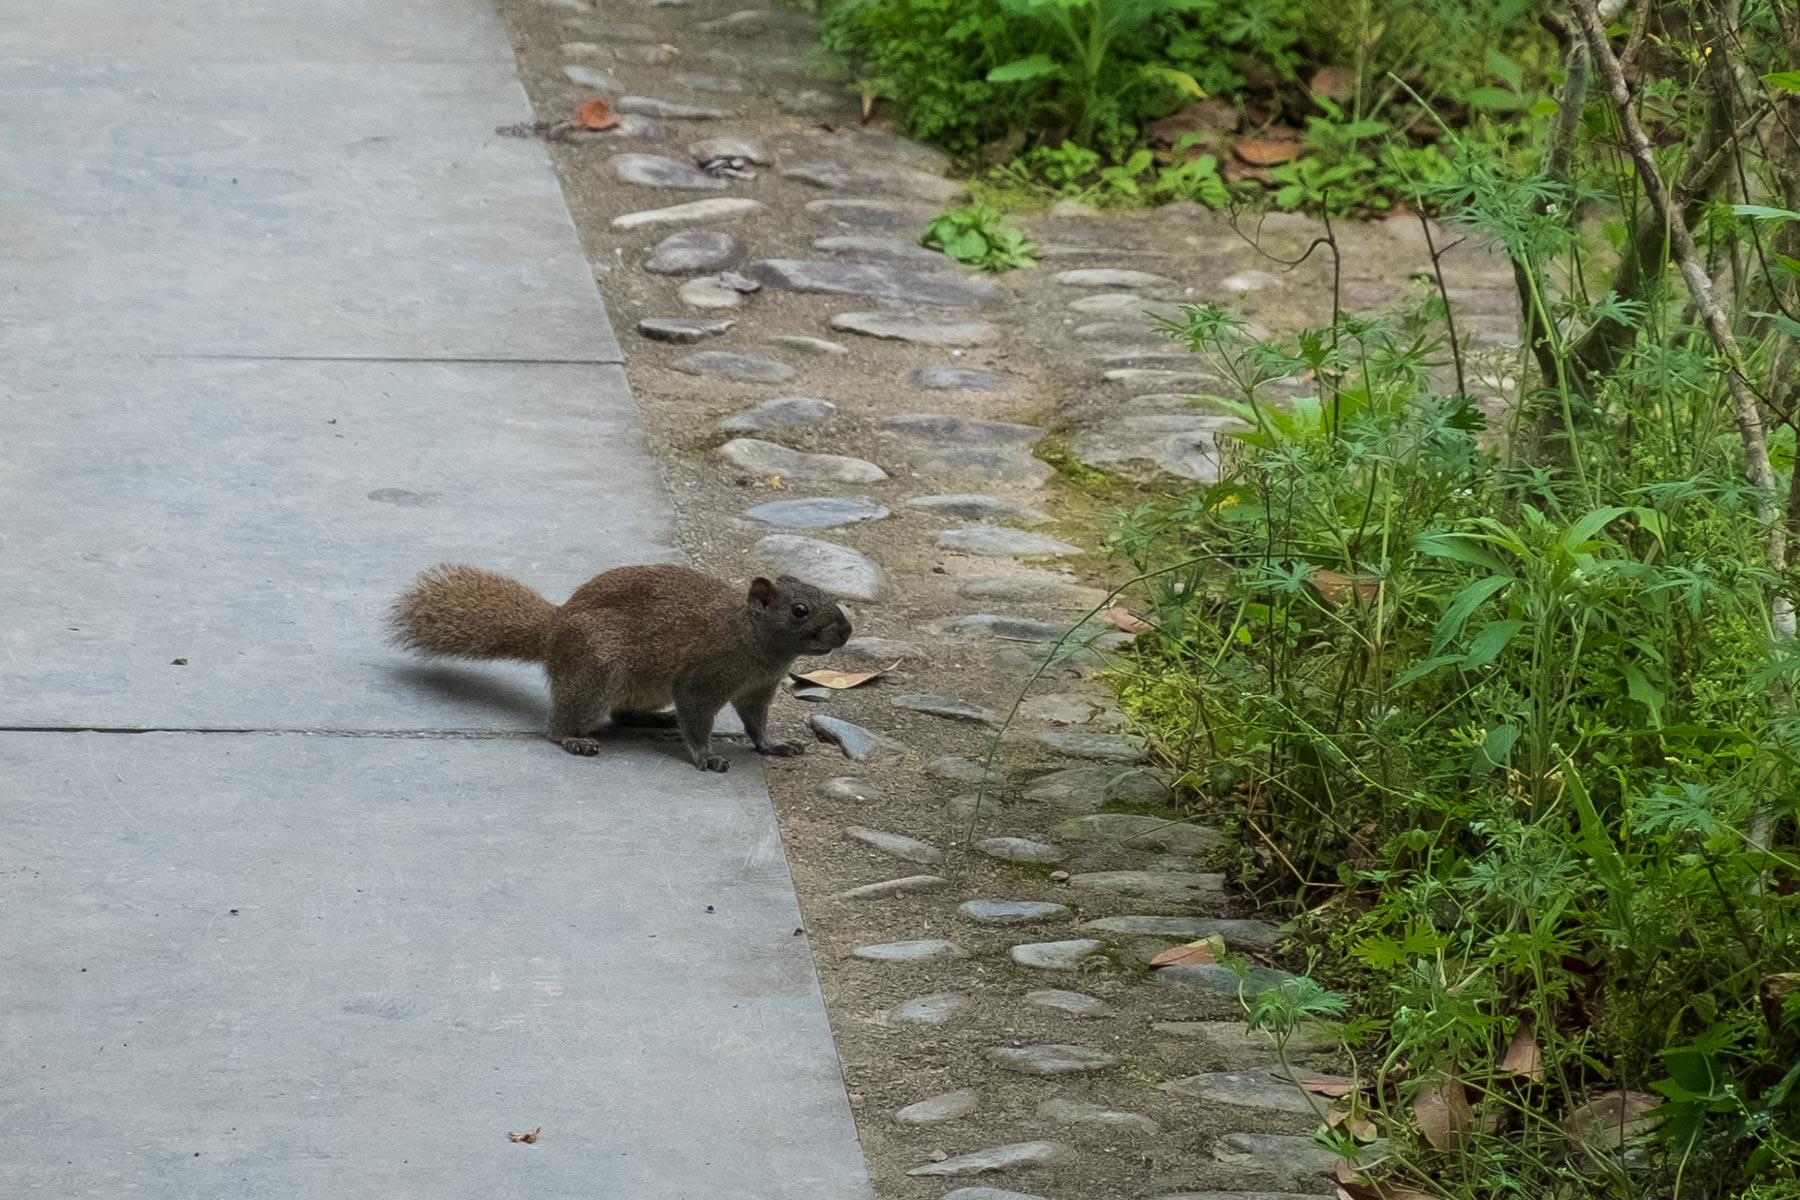 Eichhörnchen in der historischen Altstadt Nanping in Anhui, China